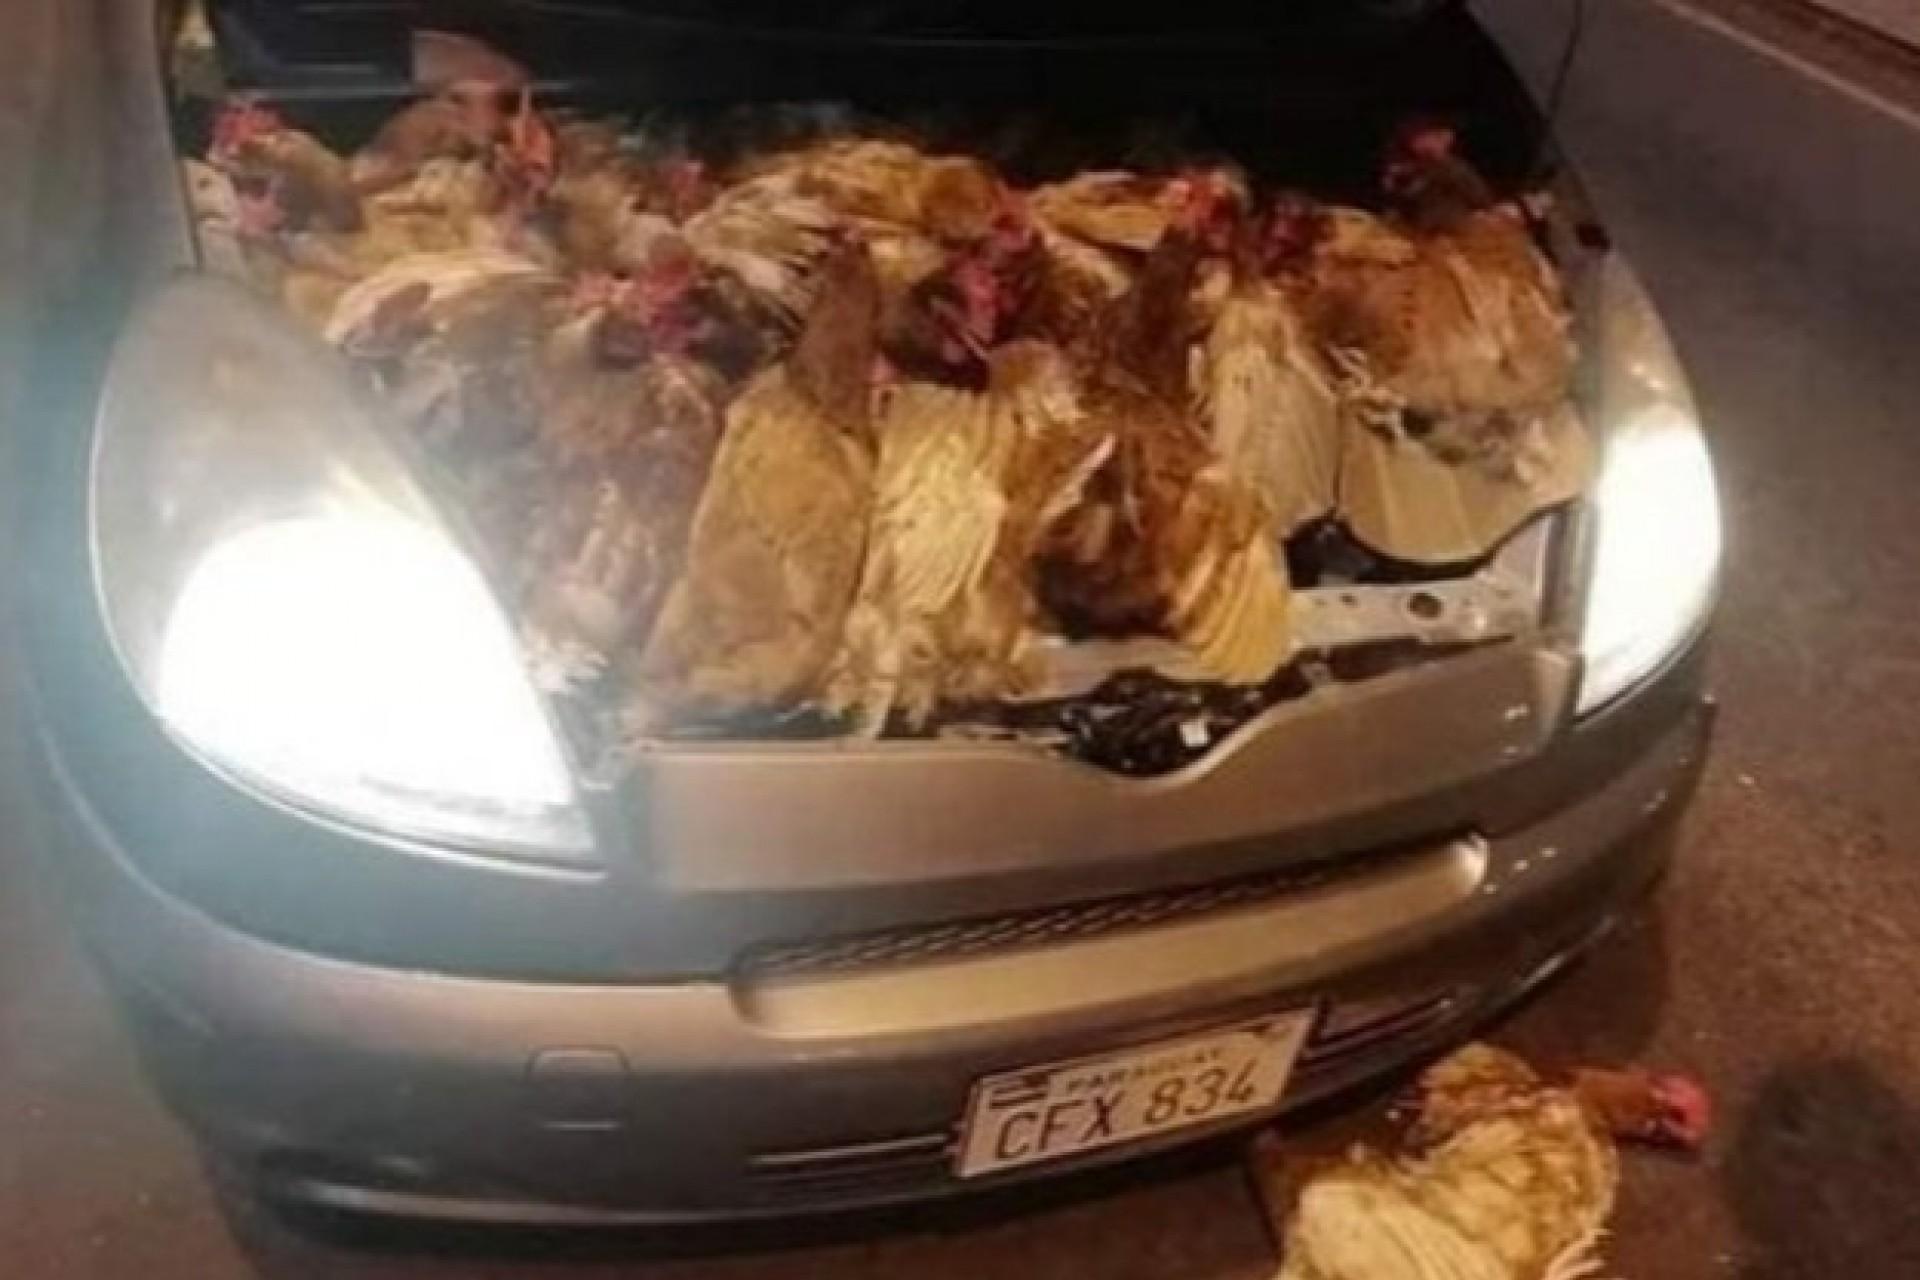 Motorista é preso tentando entrar com galinhas escondidas no motor de carro em Ciudad Del Este